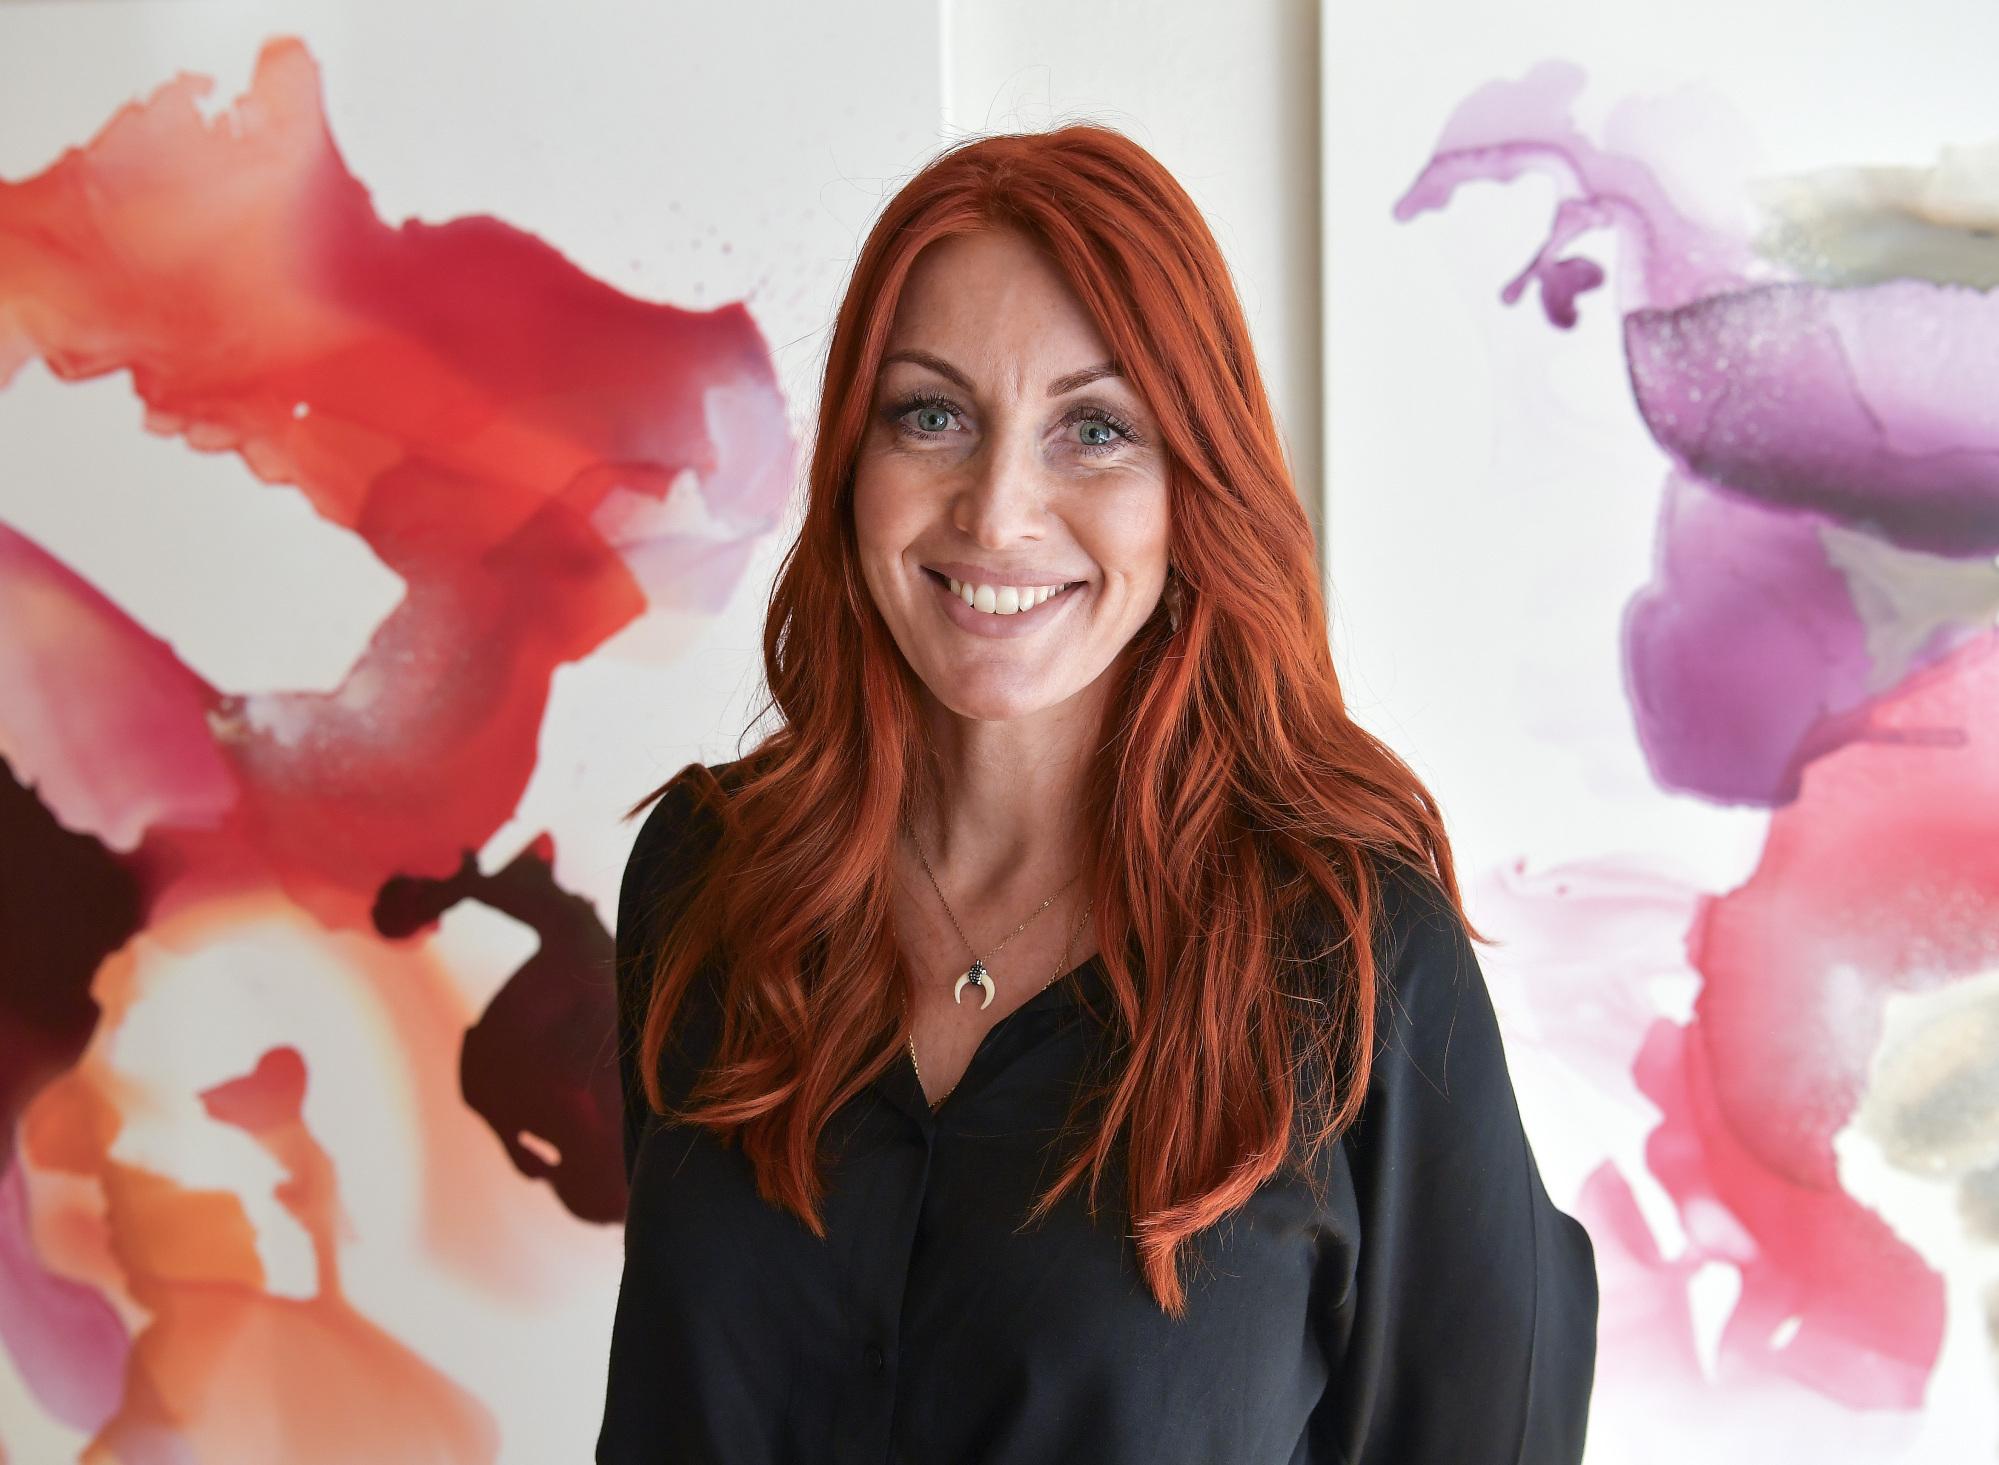 Charlotte Zaza er selvlært kunstner og har i flere år malet for sjov. Nu bliver sjov til alvor, når hun åbner Galleri Zaza i Vestergade. Foto: Michael Koch